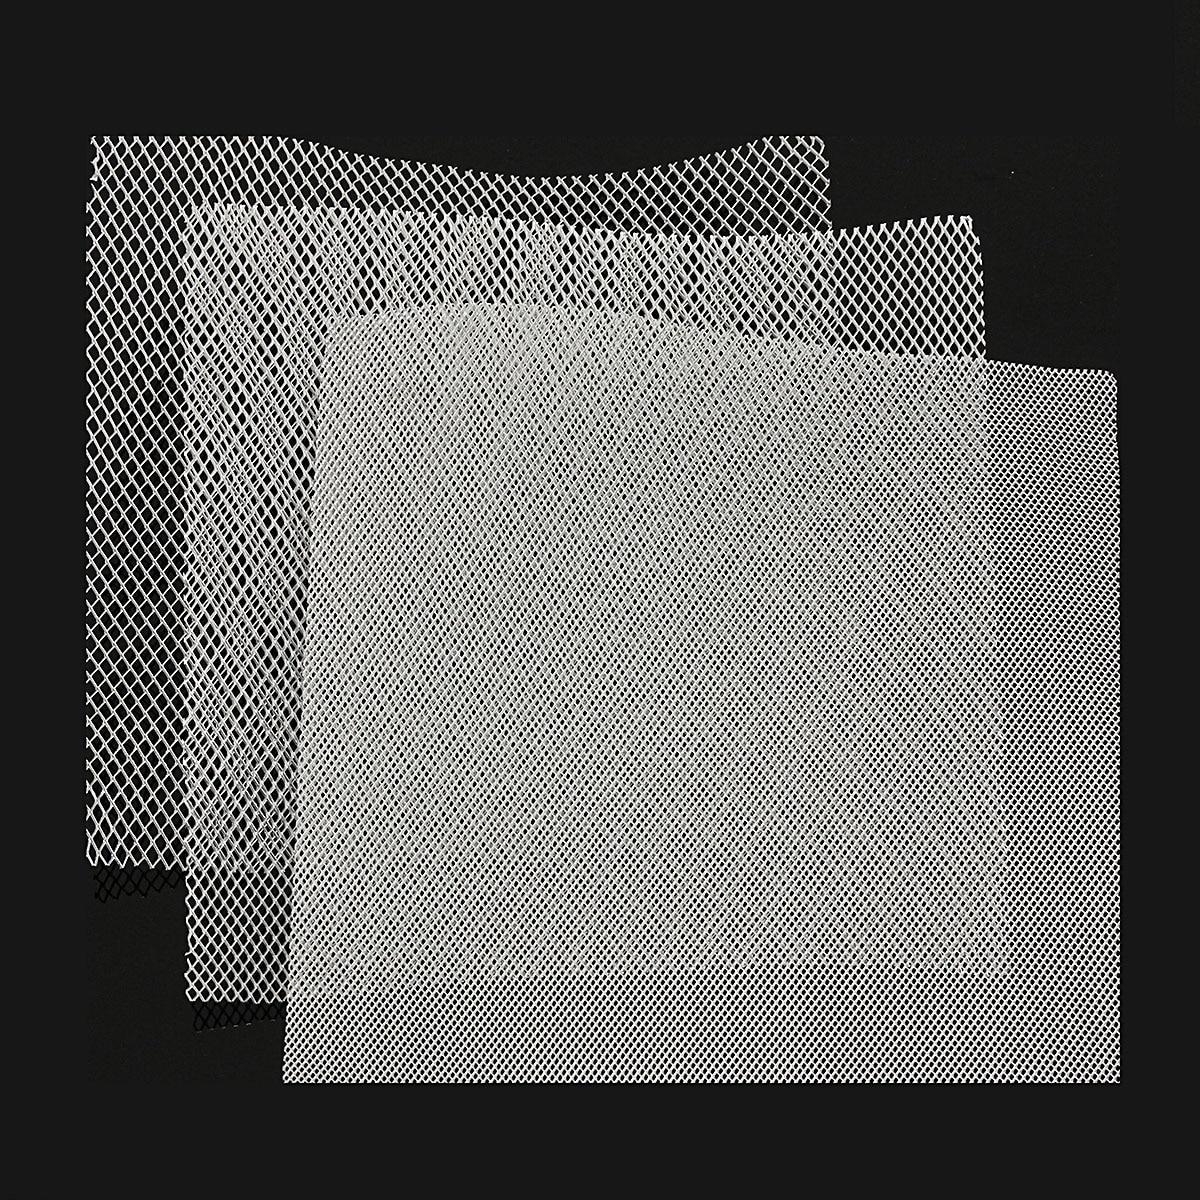 Aluminium Modelling Mesh Fine Medium And Coarse Appox 25cm By 20cm Sheets coarse mesh lace bodycon lingerie